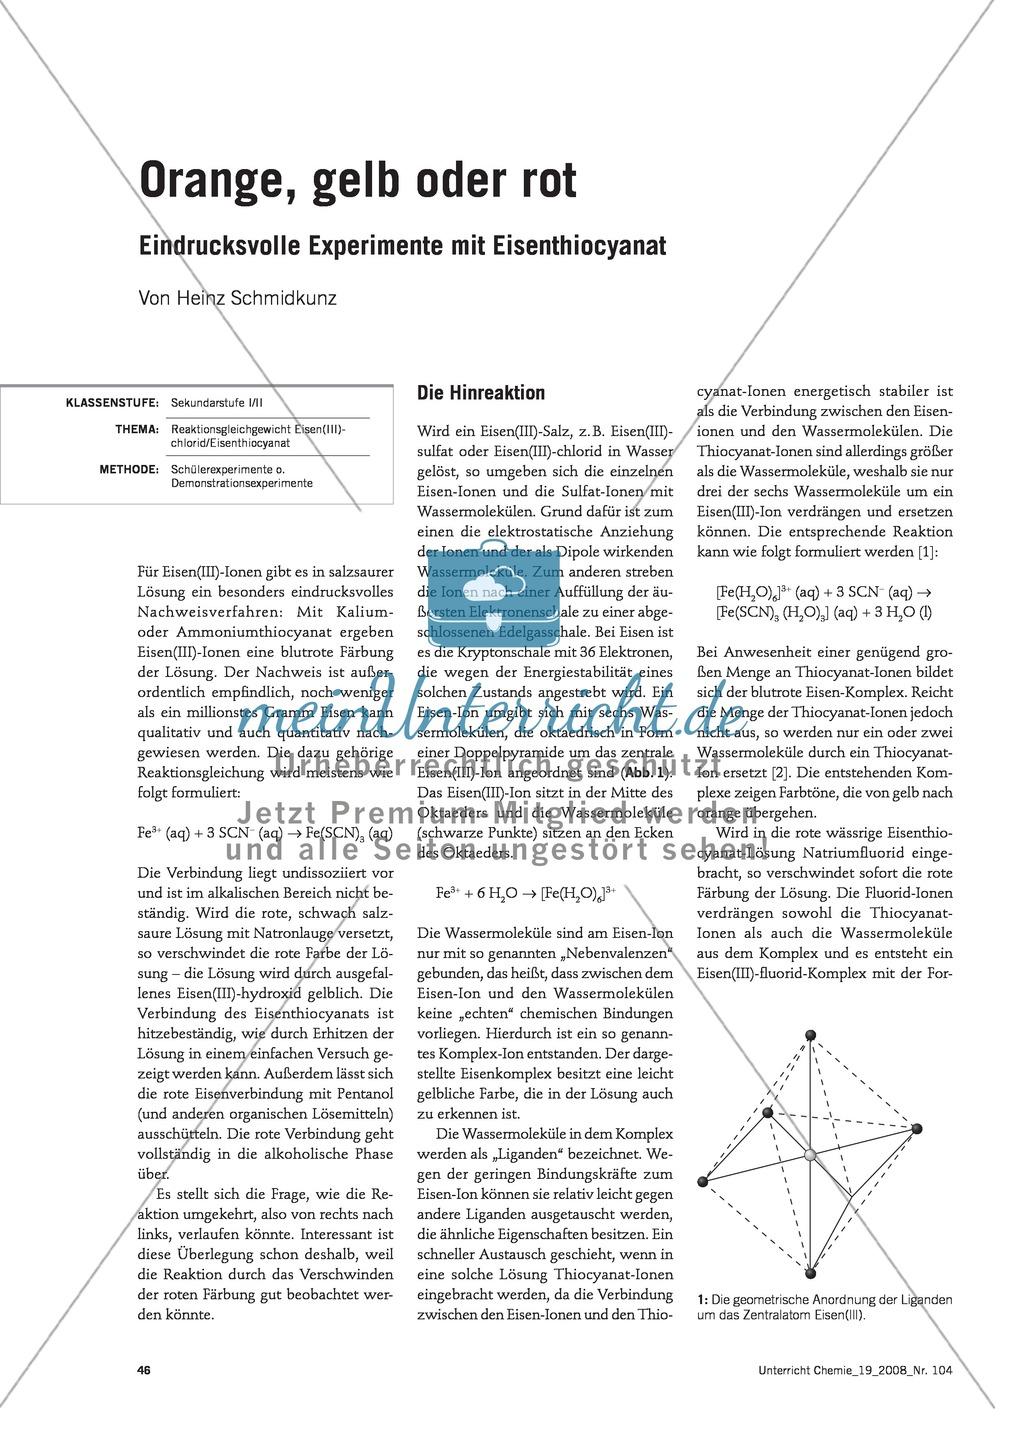 Vom Eisen(lll)-chlorid zum Eisenthiocyanat und zurück -  ein Reaktionsgleichgewicht Preview 0